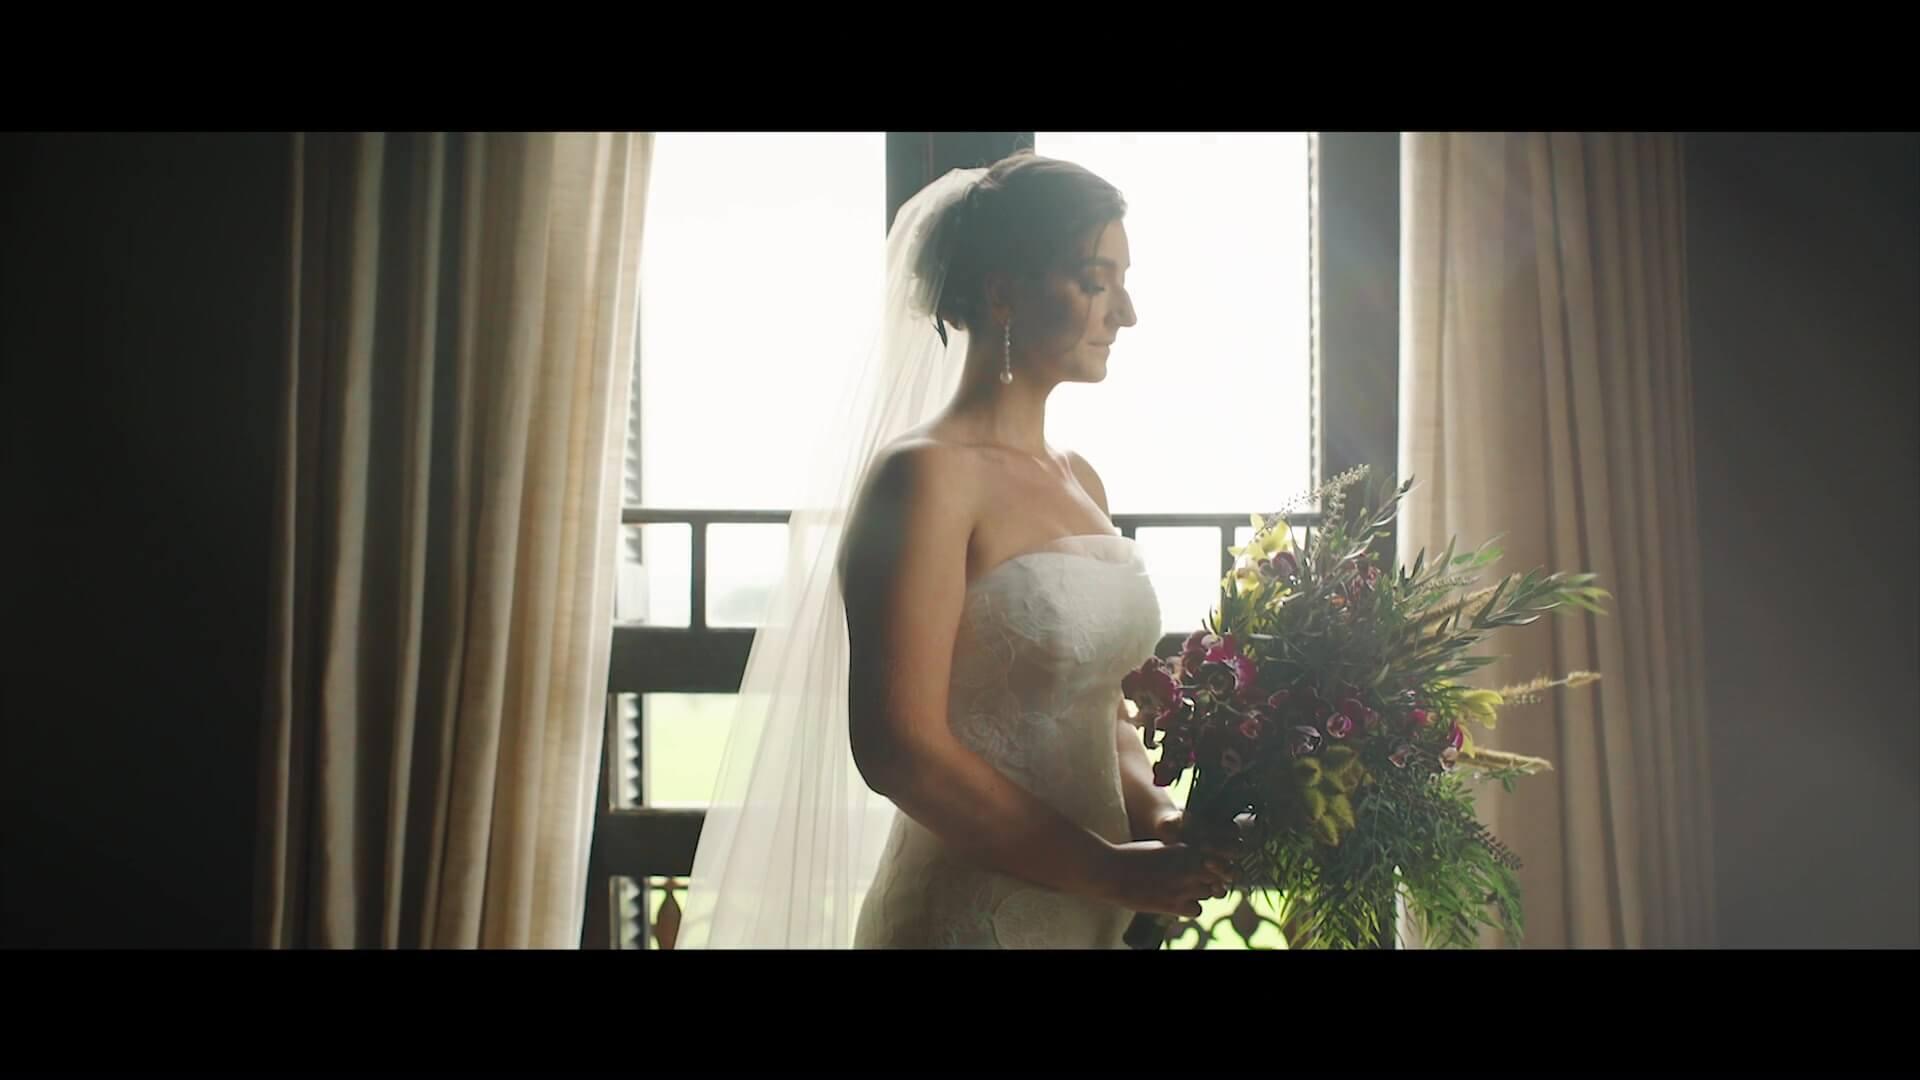 glenda_e_cassio_destination_wedding_fazenda_rio_grande_do_sul00018